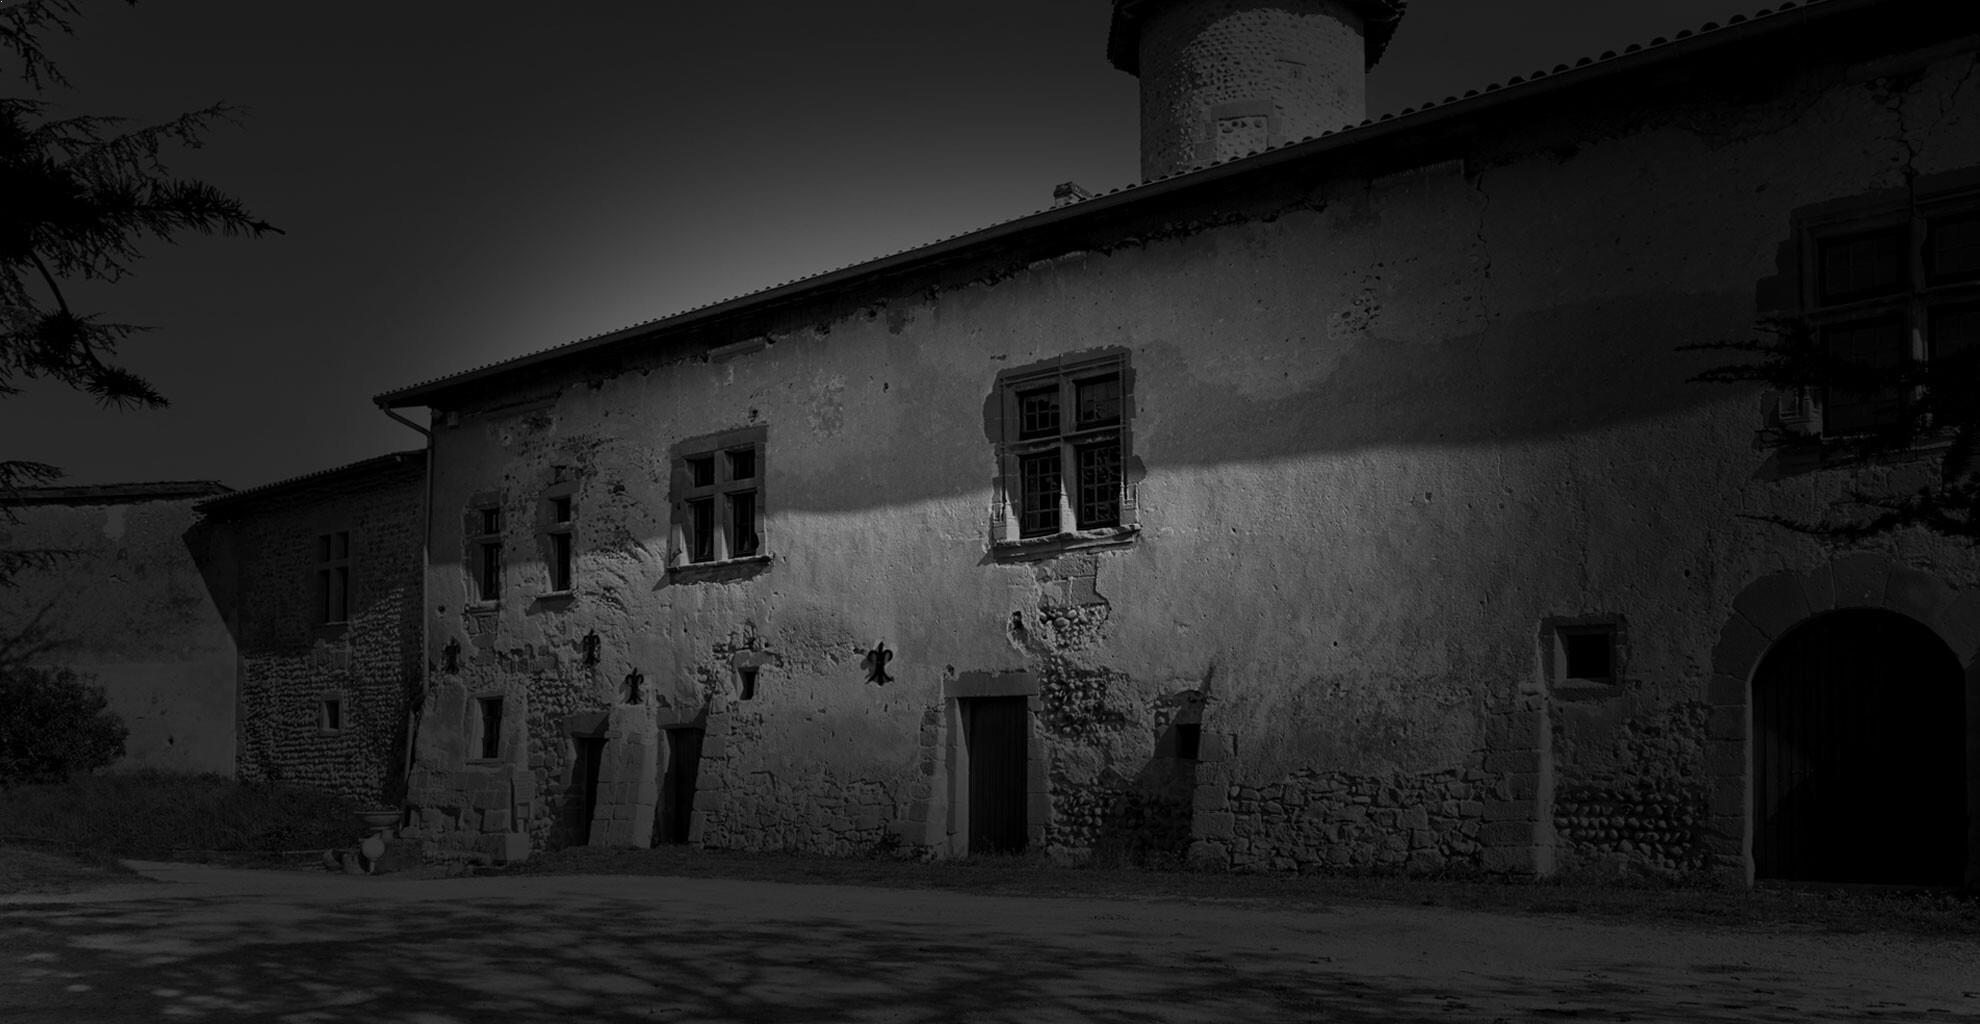 Au coeur des Crus septentrionaux de la Vallée du Rhône, le Domaine ETIENNE POCHON offre des vins de grande expression.